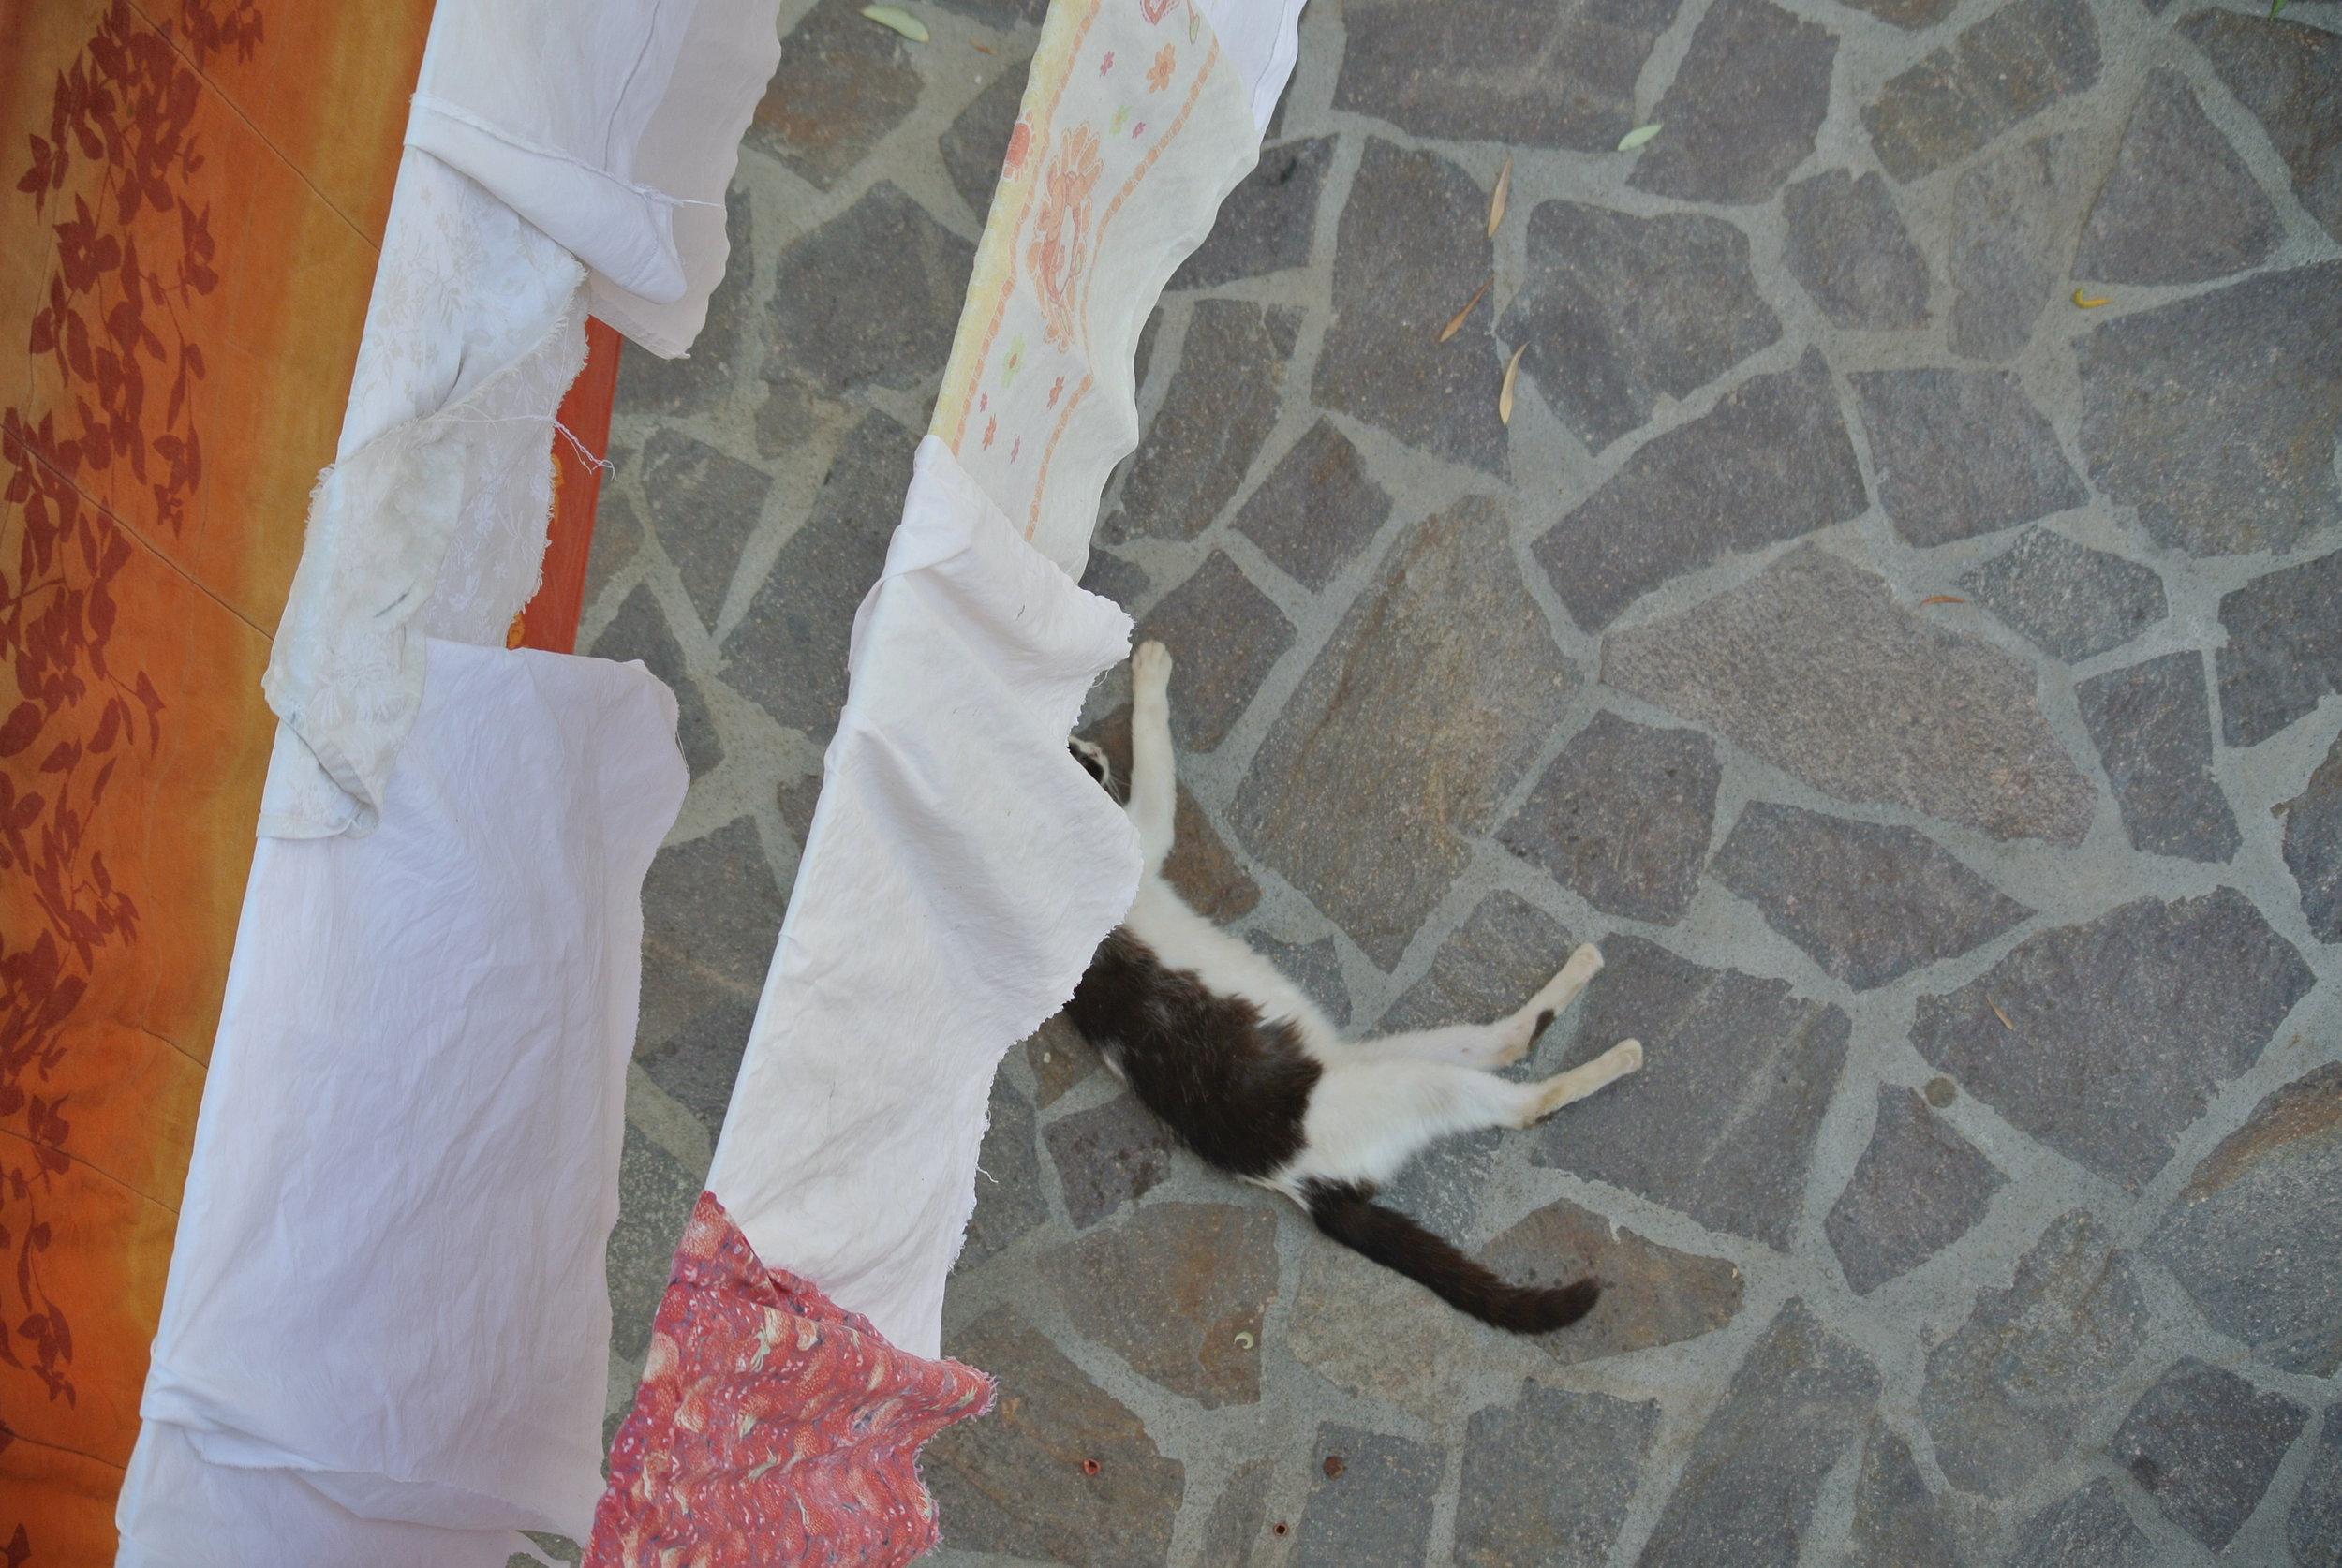 A cat stretches on the stone. Longobardi, Italy; 30 May 2018. ©Pamela Kerpius